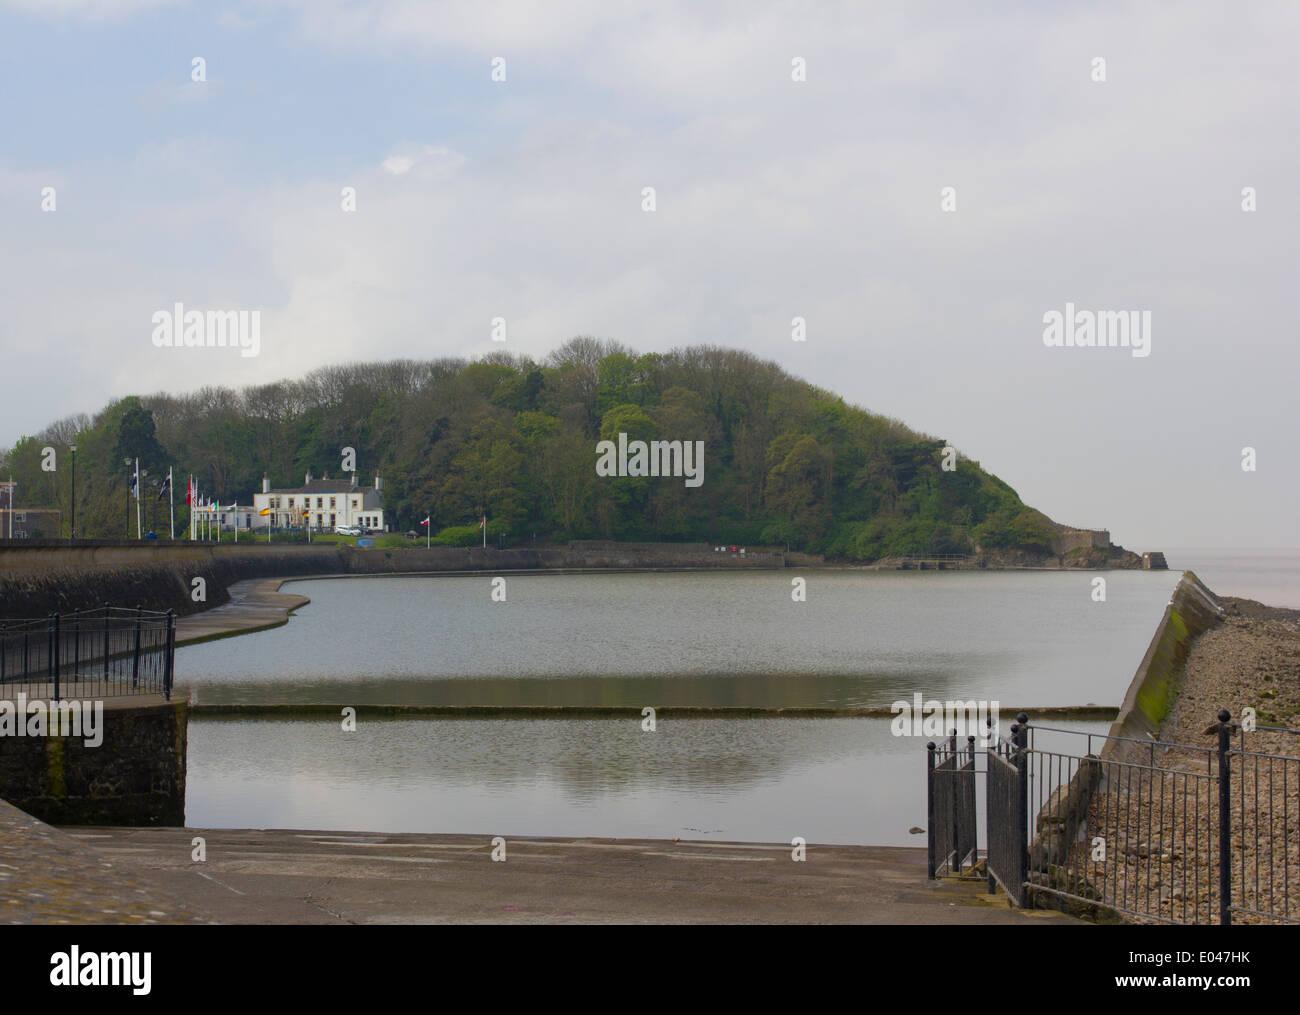 Marine lake in Clevedon, England, UK - Stock Image